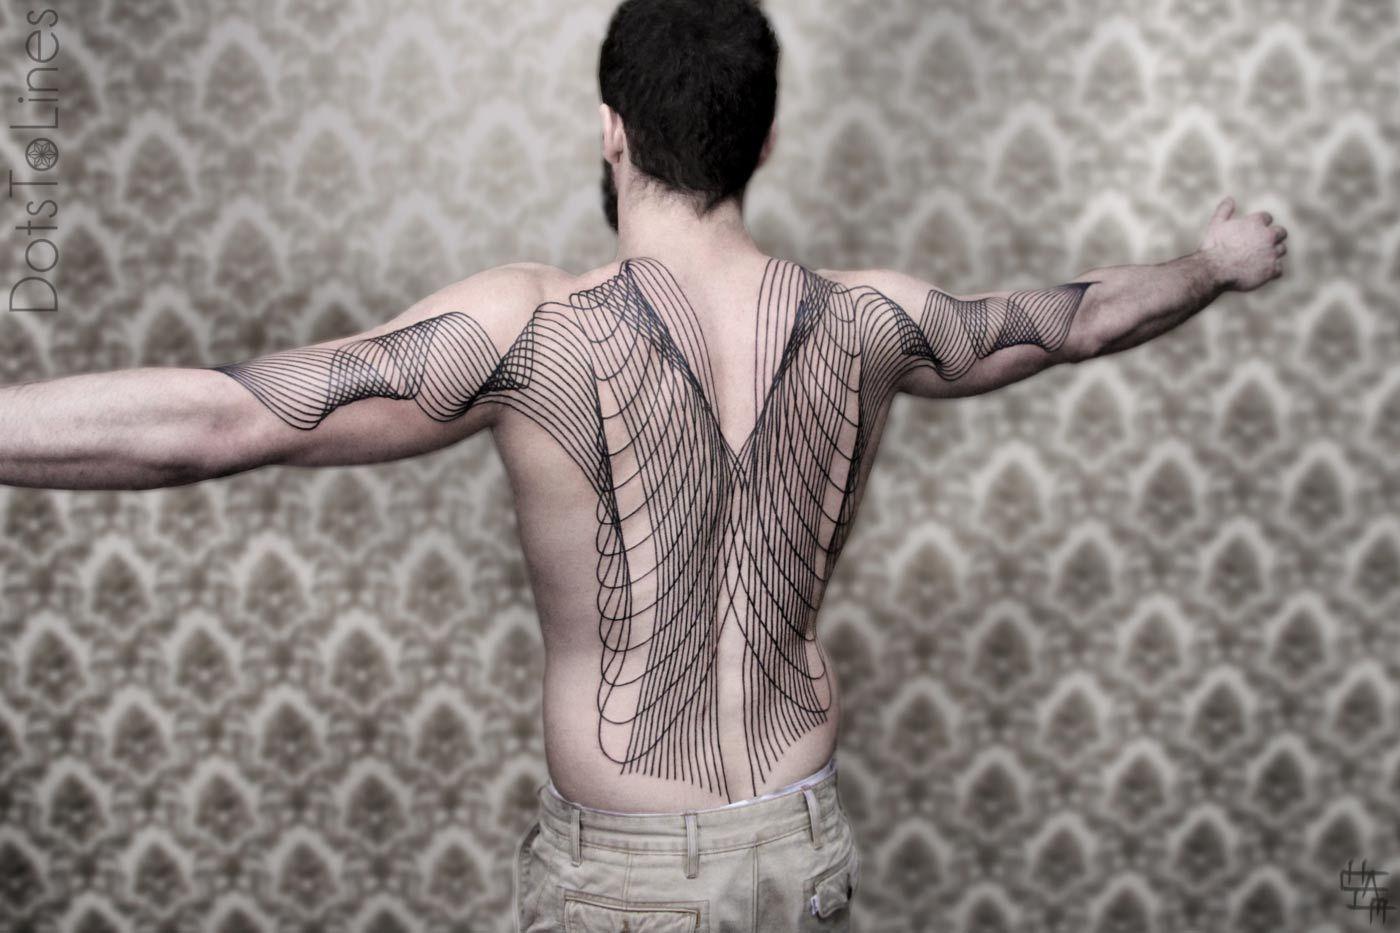 Line Art Tattoo : Line art tattoo by chaim machlev dotstolines skin